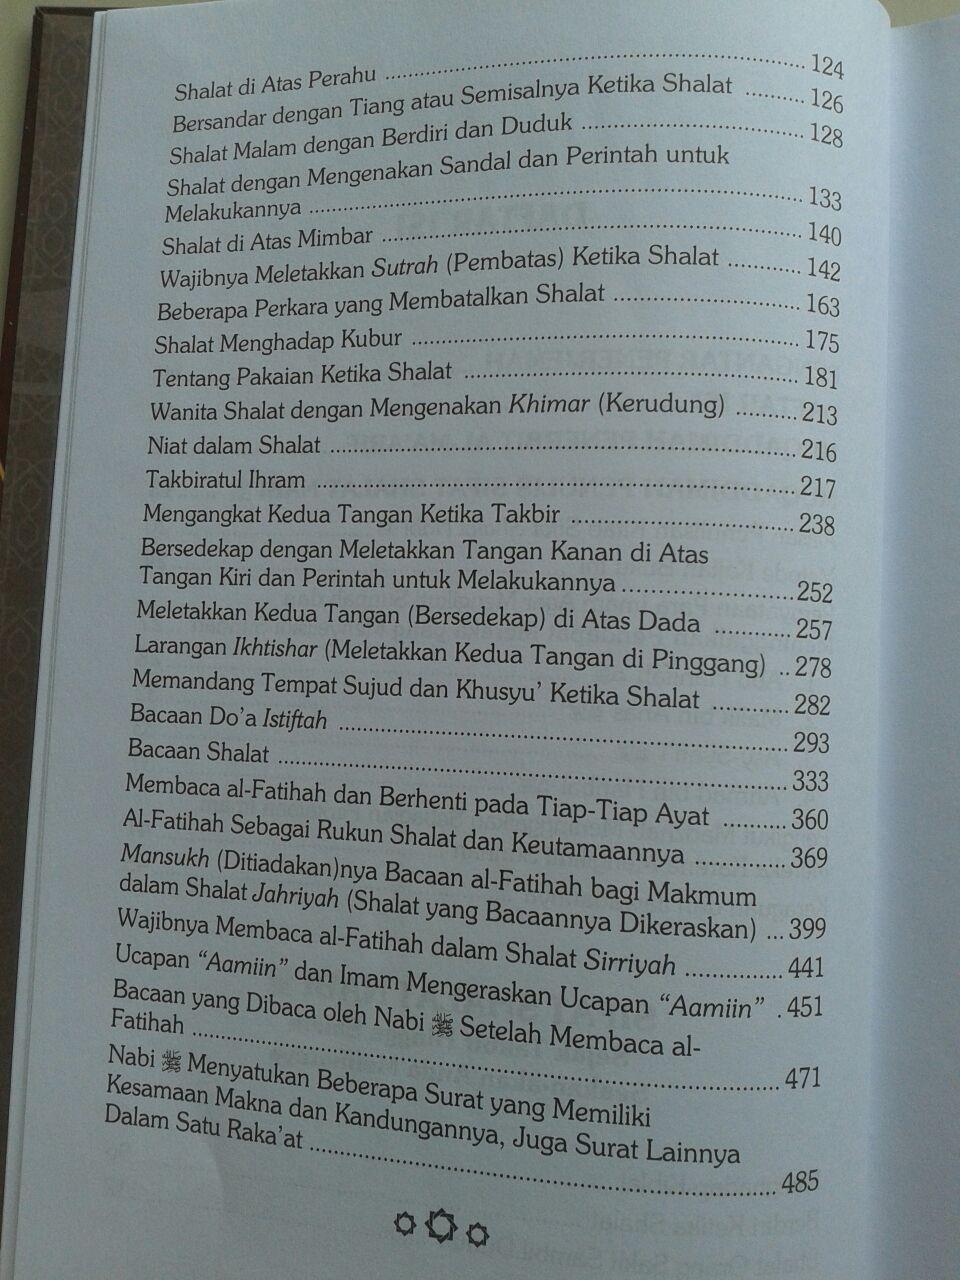 Buku Sifat Shalat Nabi Edisi Lengkap 3 Jilid isi 2